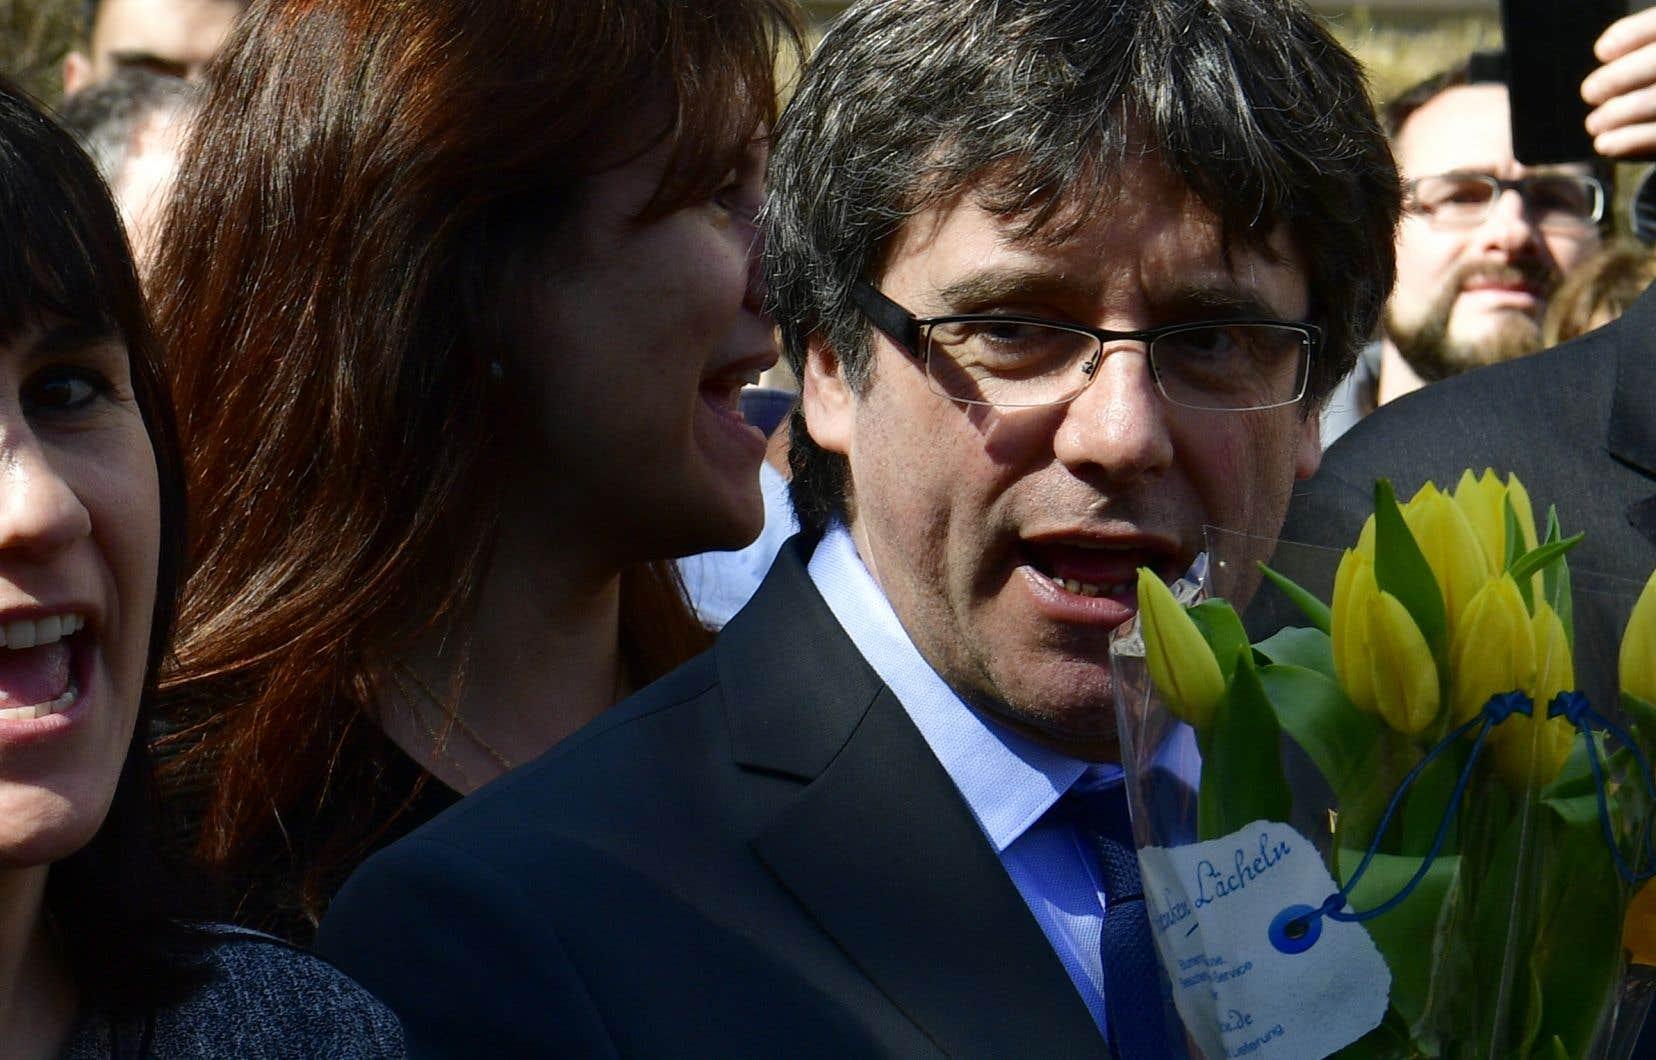 Carles Puigdemont, incarcéré depuis une dizaine de jours, a été libéré vendredi après avoir versé une caution de 75 000 euros.